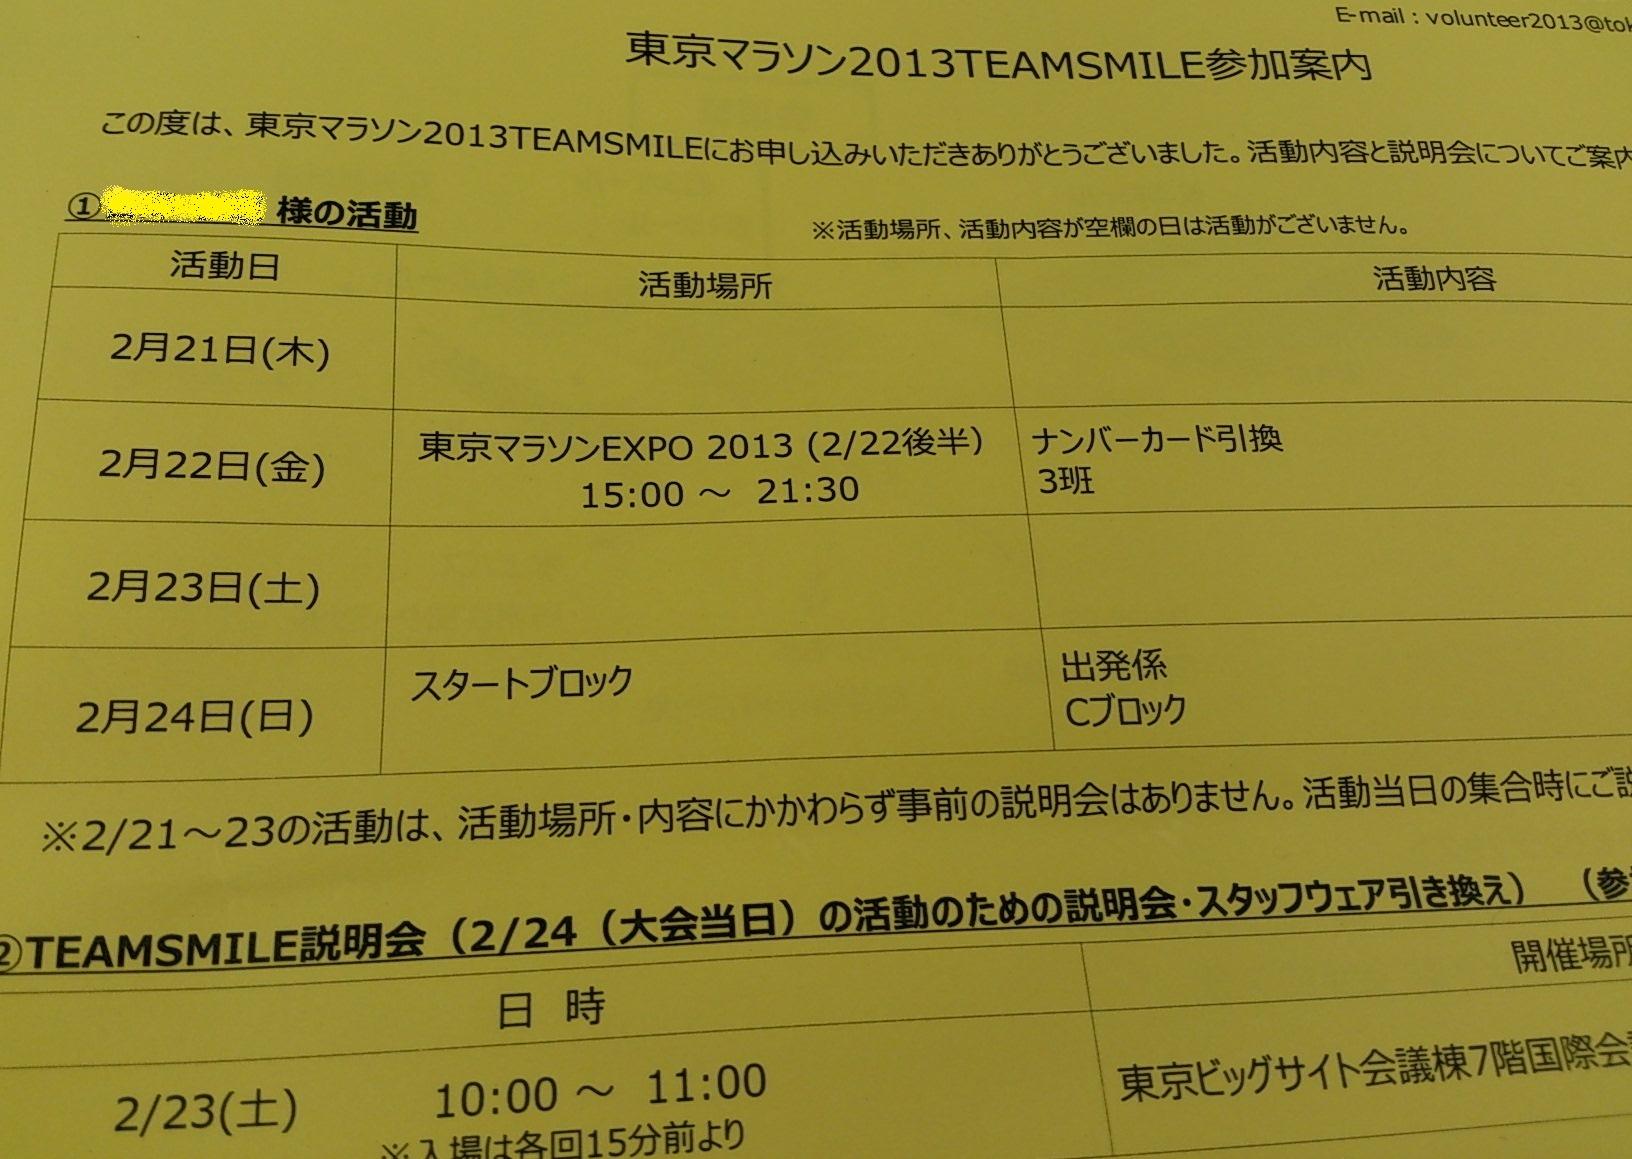 今年もやります!東京マラソン2013ボランティア_c0100865_804878.jpg